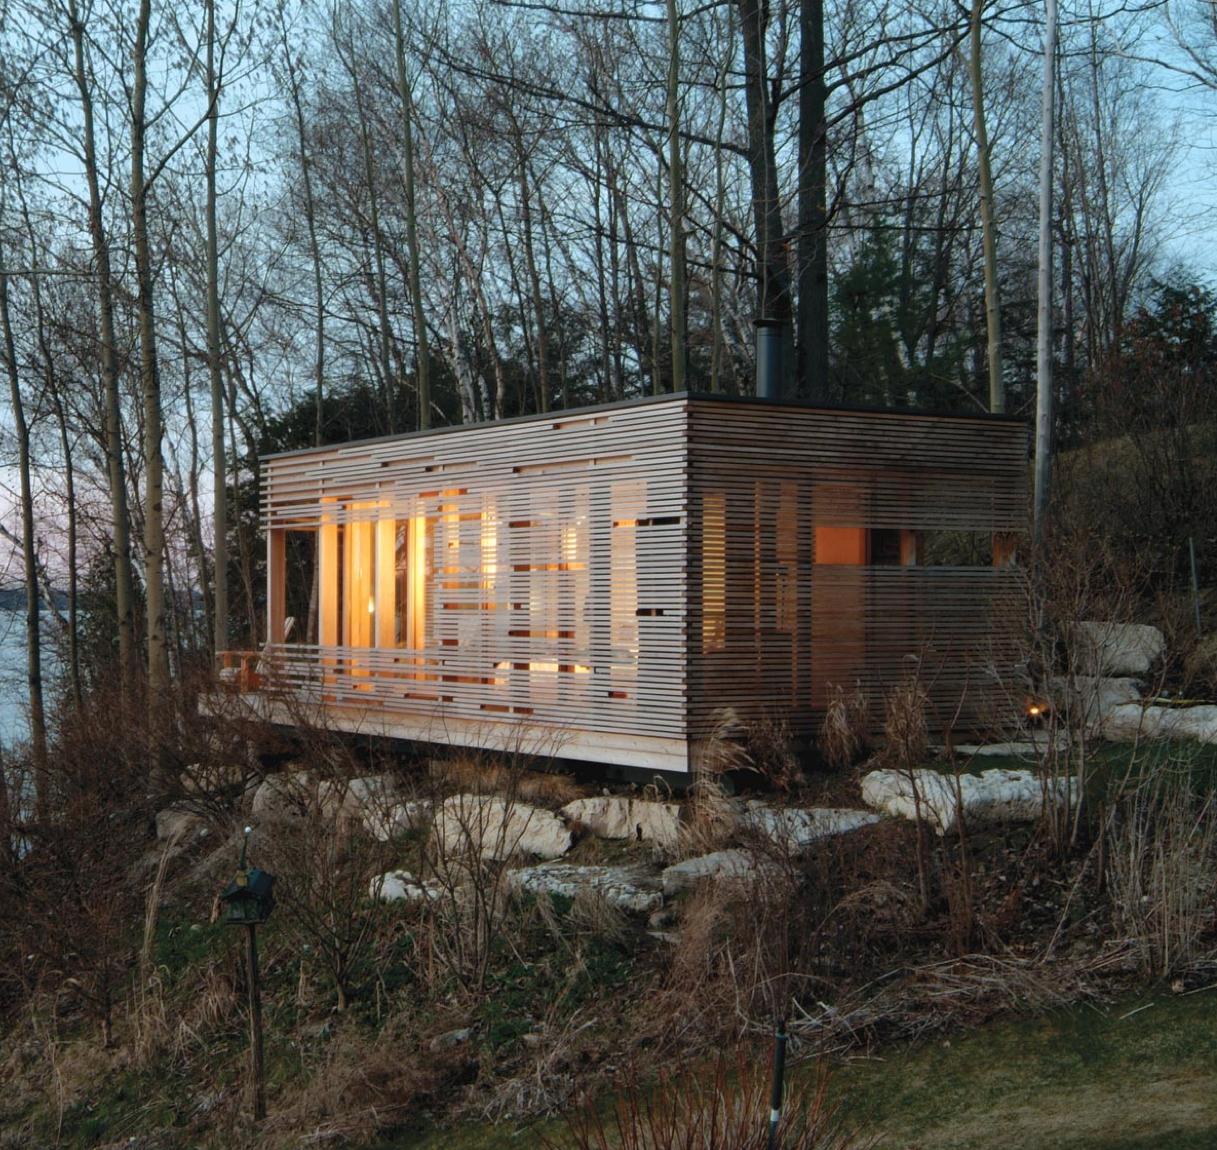 Une Cabane En Bois Au Bord De L Eau Ecopole Pinterest  # Maison Bois Bord De L Eau